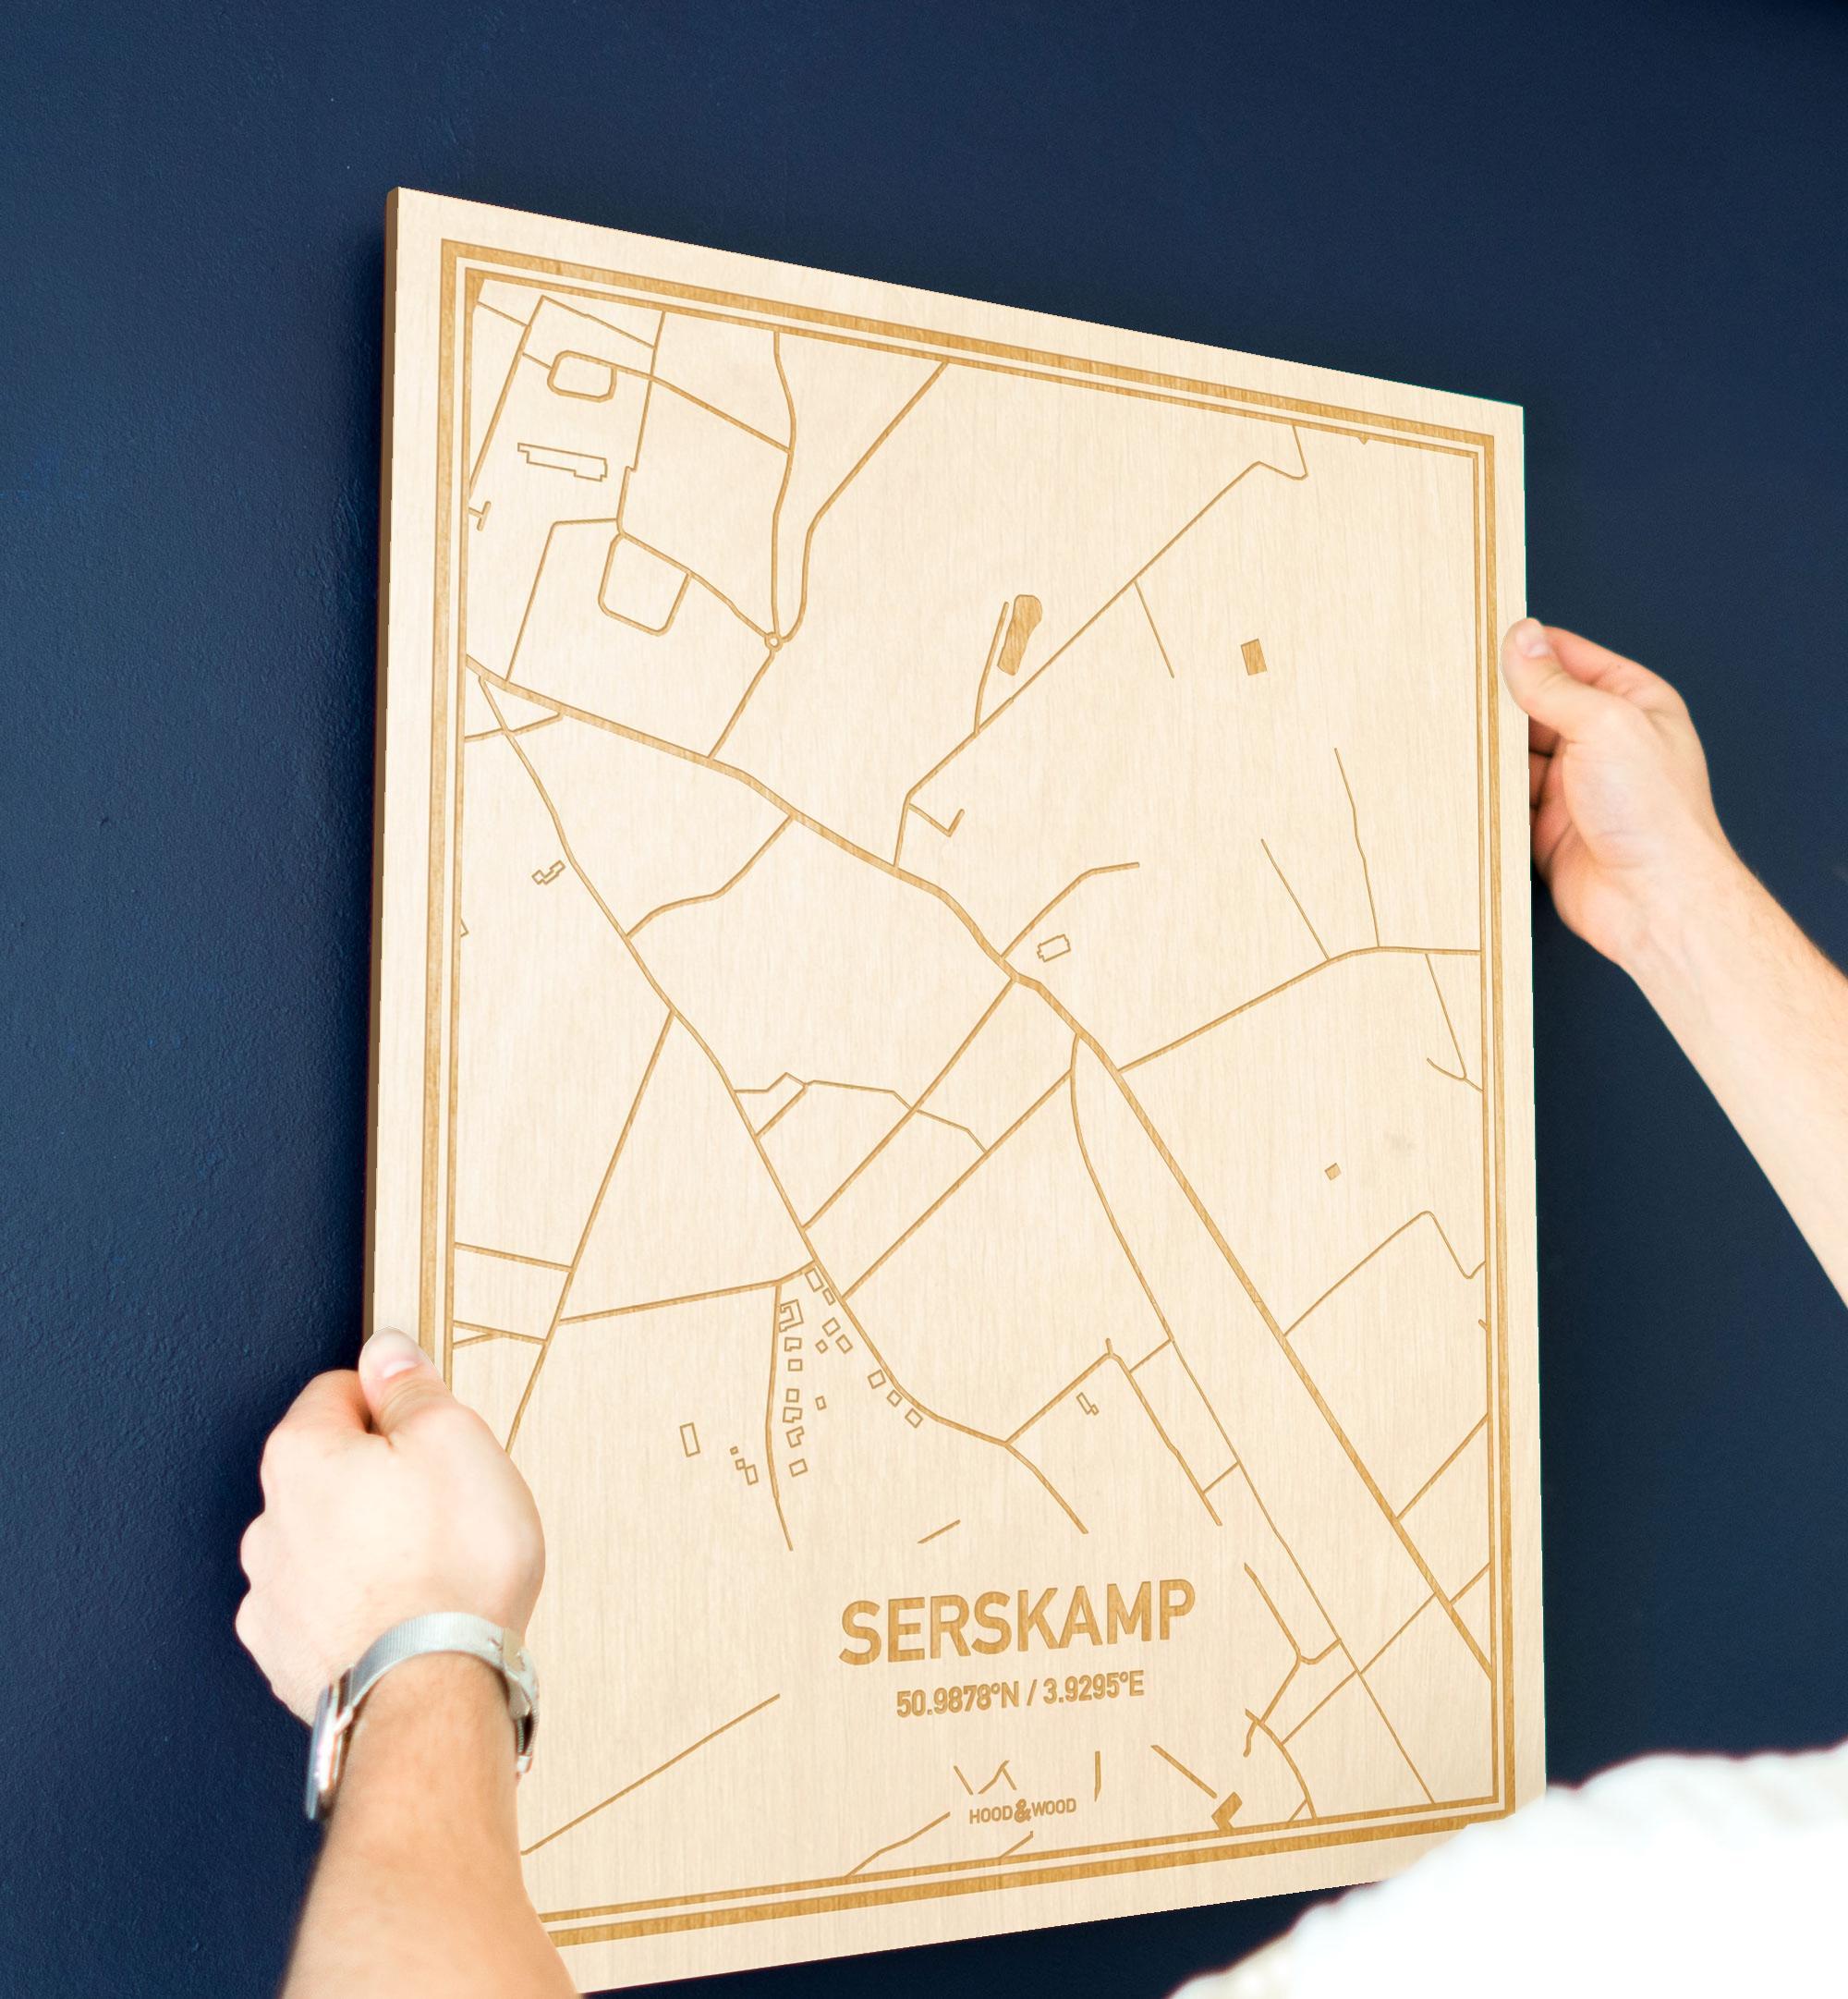 Een man hangt de houten plattegrond Serskamp aan zijn blauwe muur ter decoratie. Je ziet alleen zijn handen de kaart van deze verrassende in Oost-Vlaanderen  vasthouden.